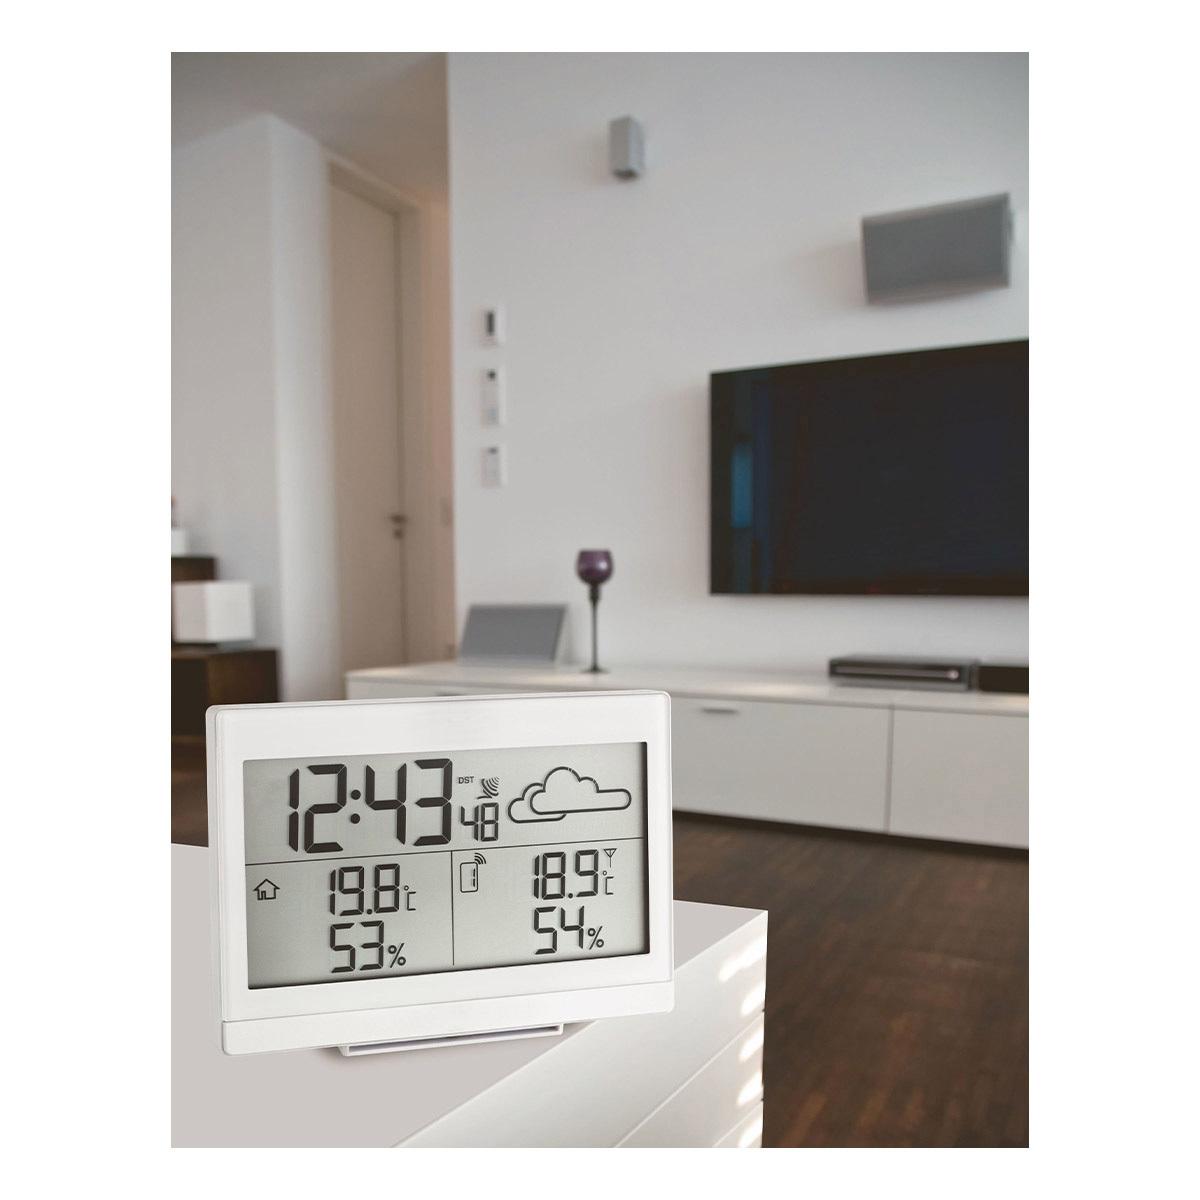 35-1135-02-funk-wetterstation-casa-anwendung-1200x1200px.jpg